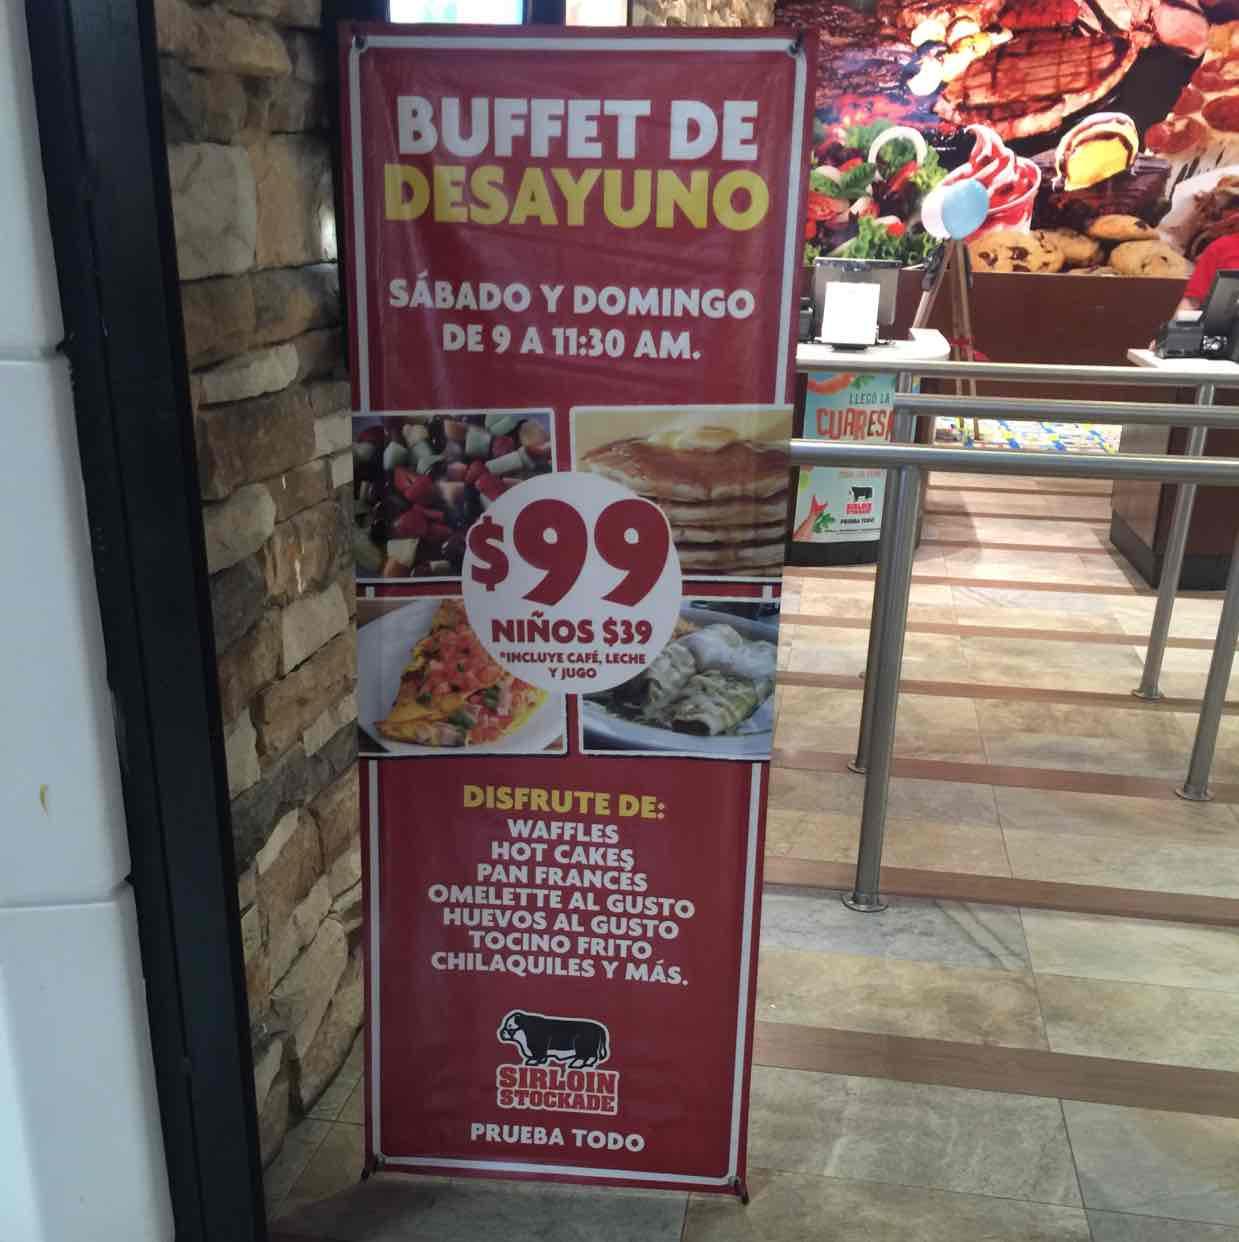 Sirloin Stockade Cumbres Monterrey: Buffet de desayuno a $99 sábado y domingo Incluye Bebida